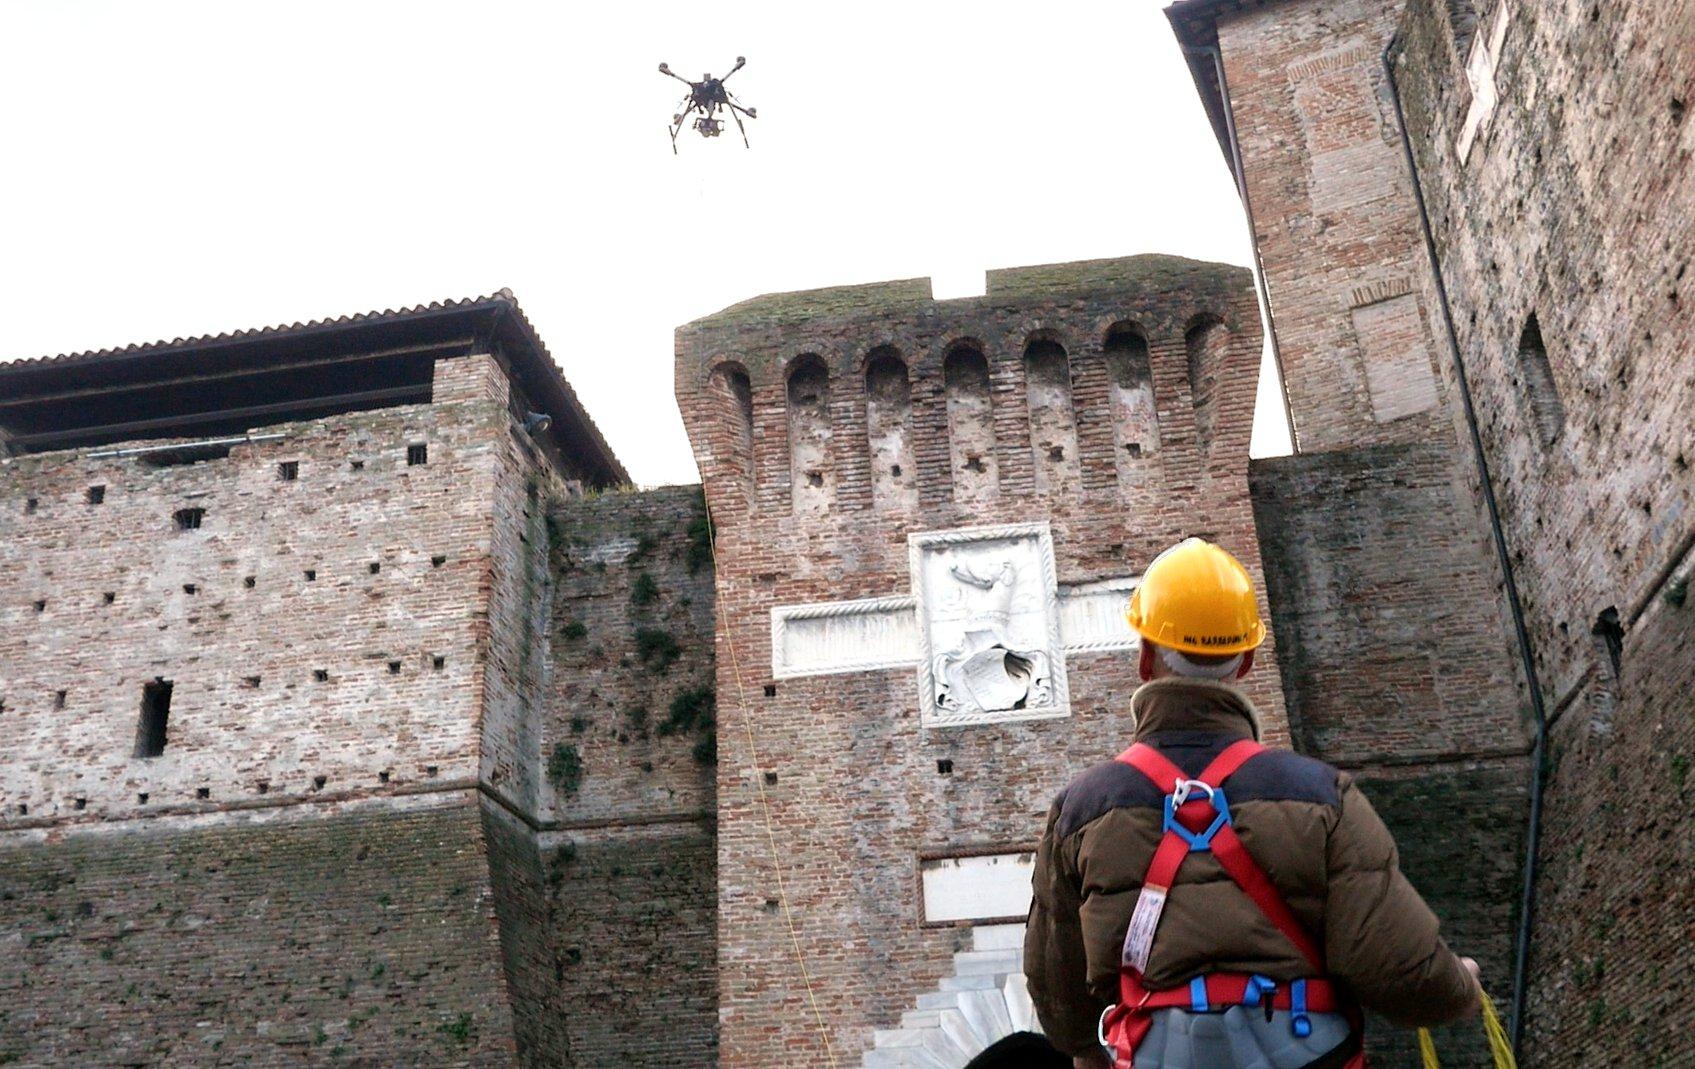 ispezione in centro storico effettuata con droni professionali vincolati al suolo